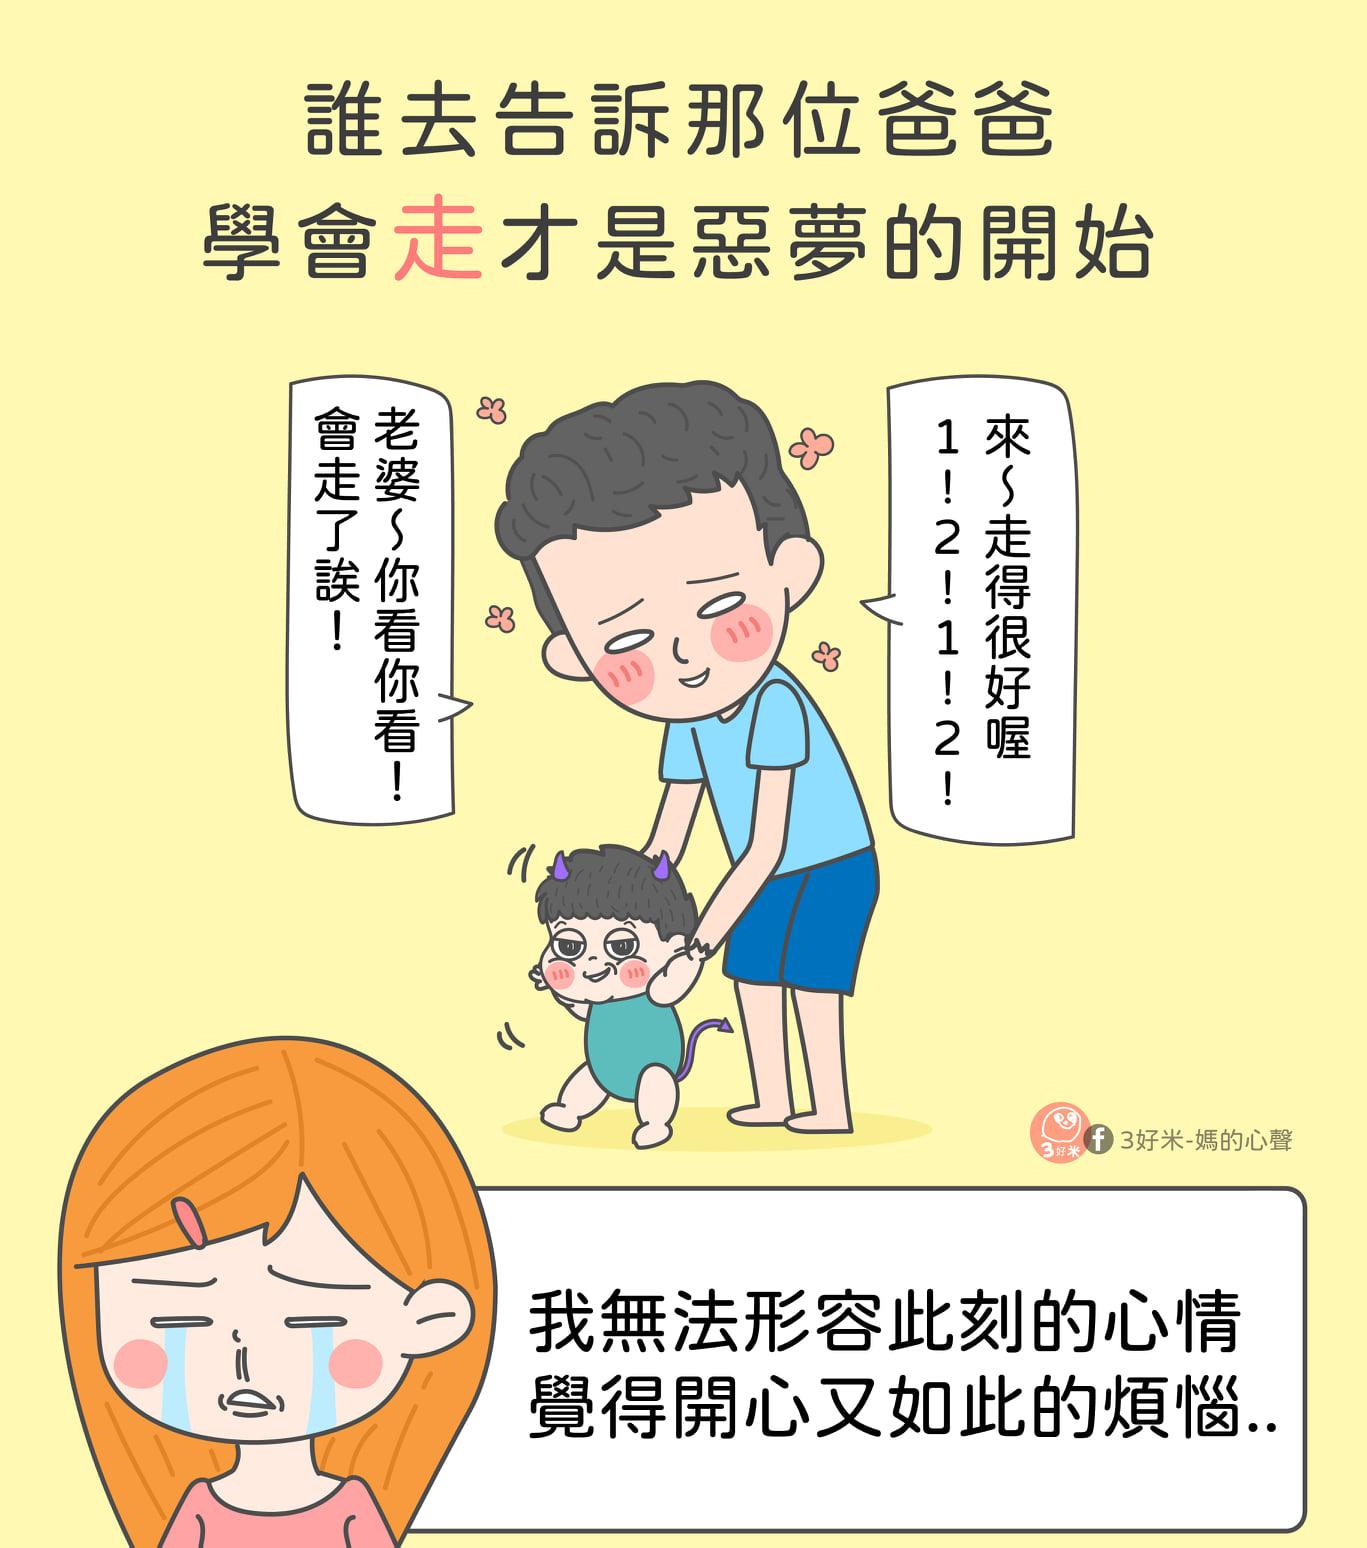 嬰幼兒發展